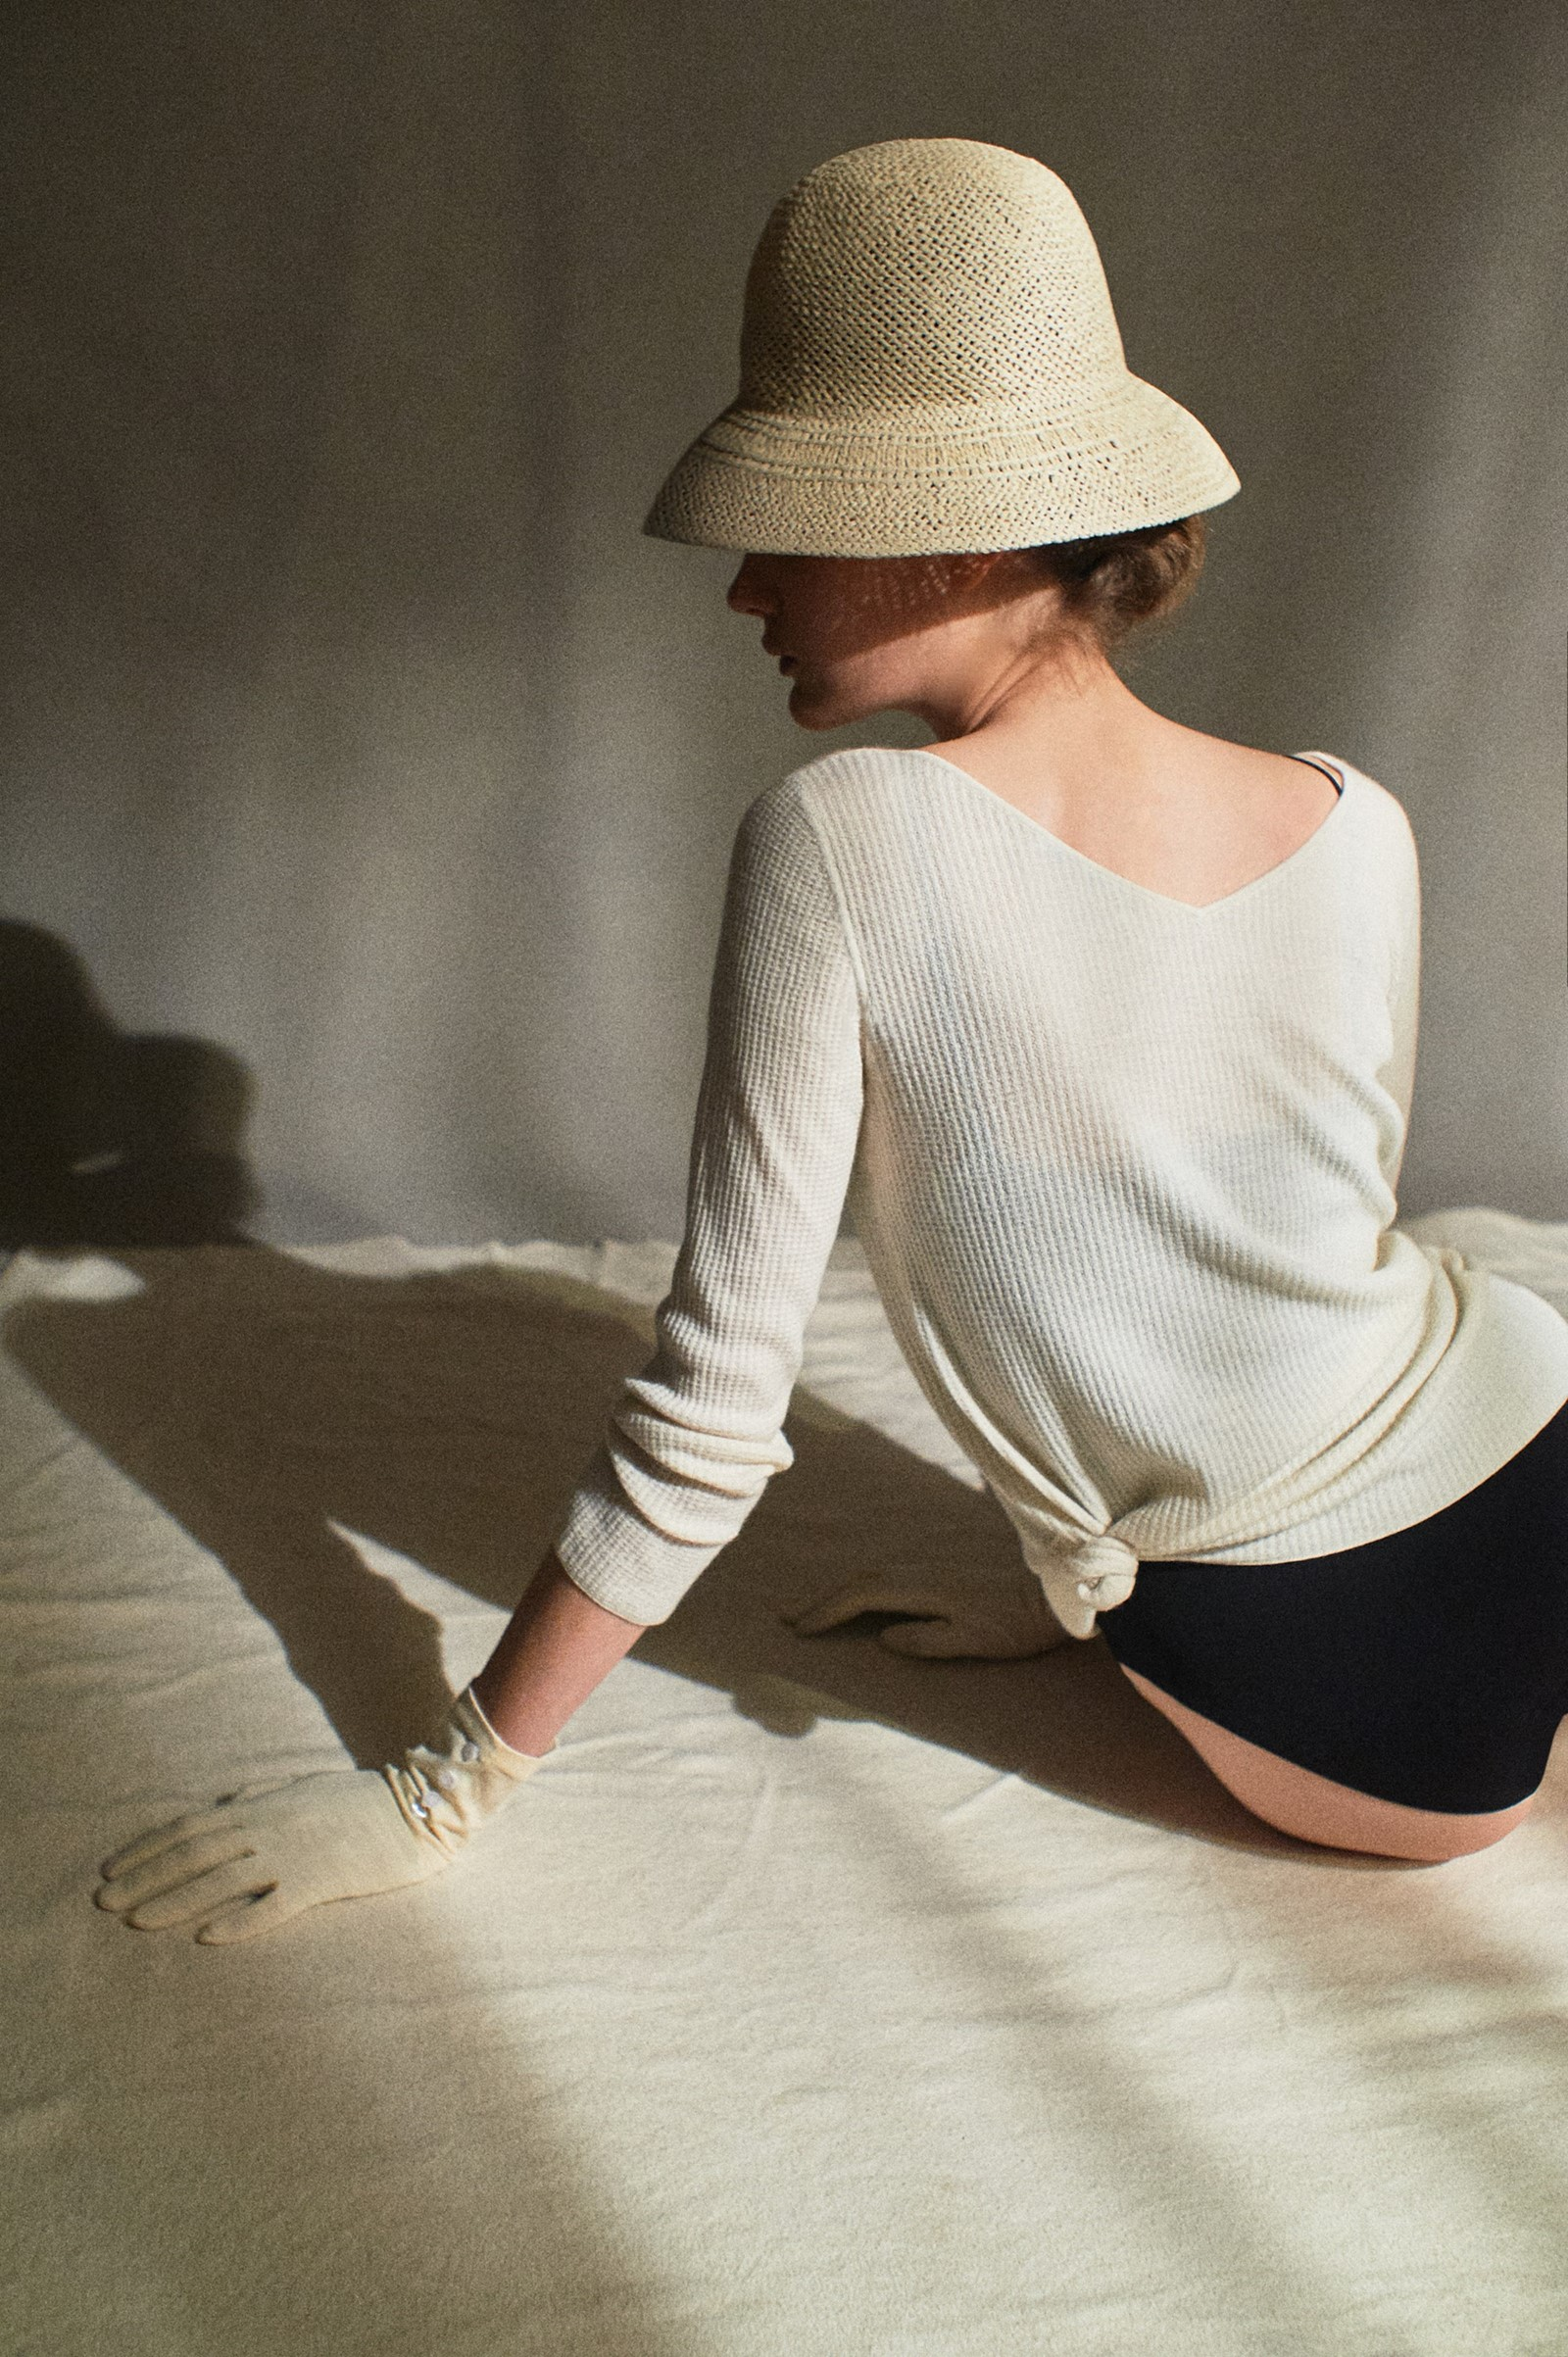 iGNANT-Fashion-Ply-Knits-014